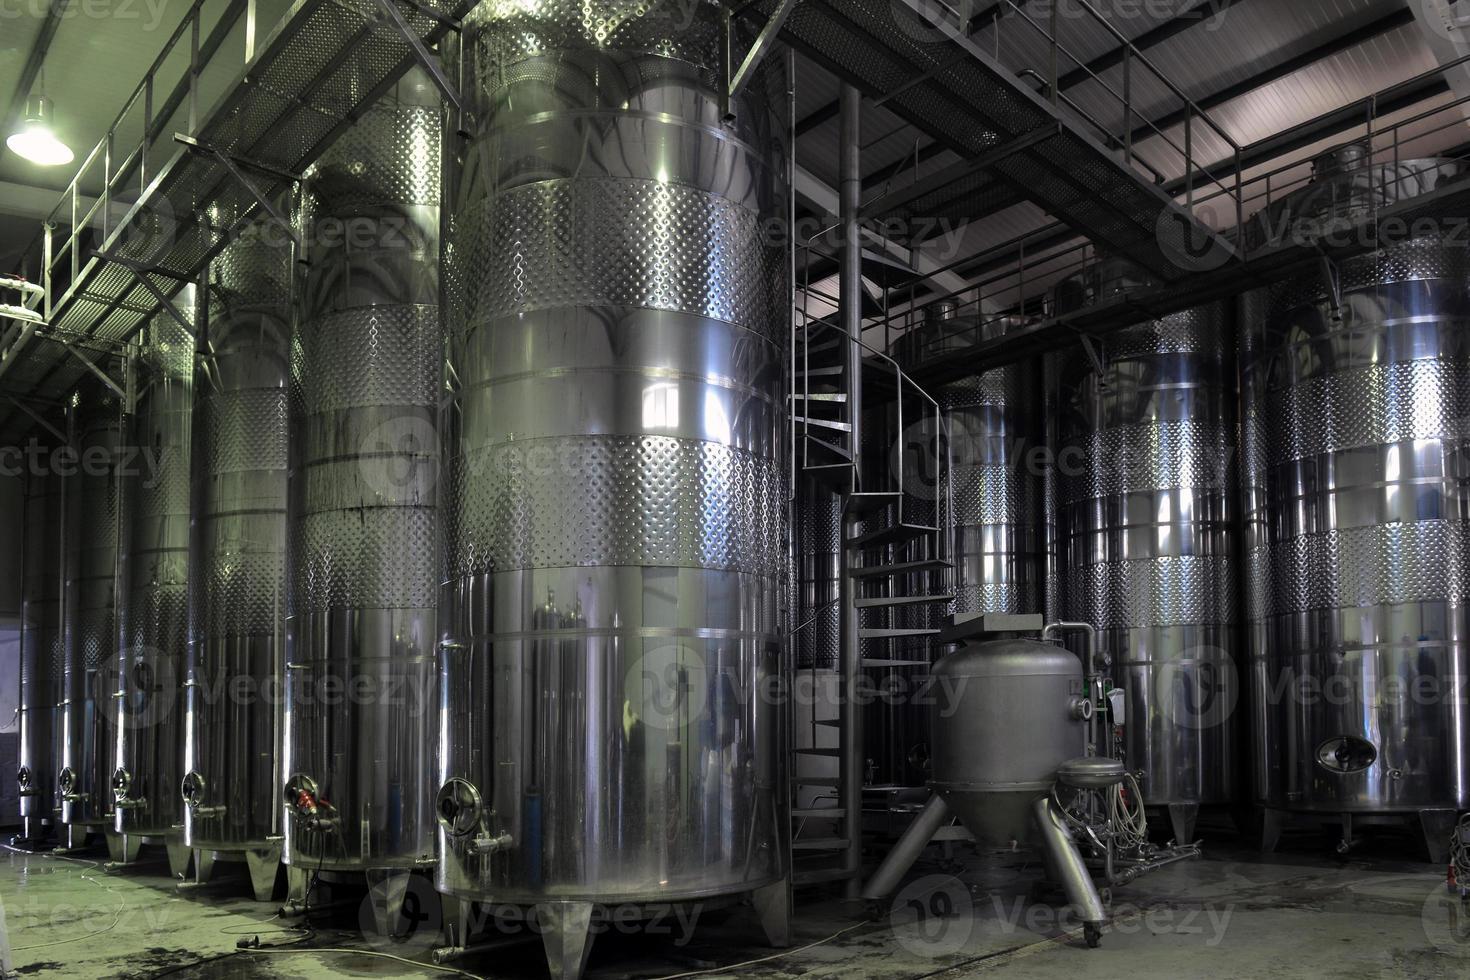 cubas de vinho de aço inoxidável seguidas foto